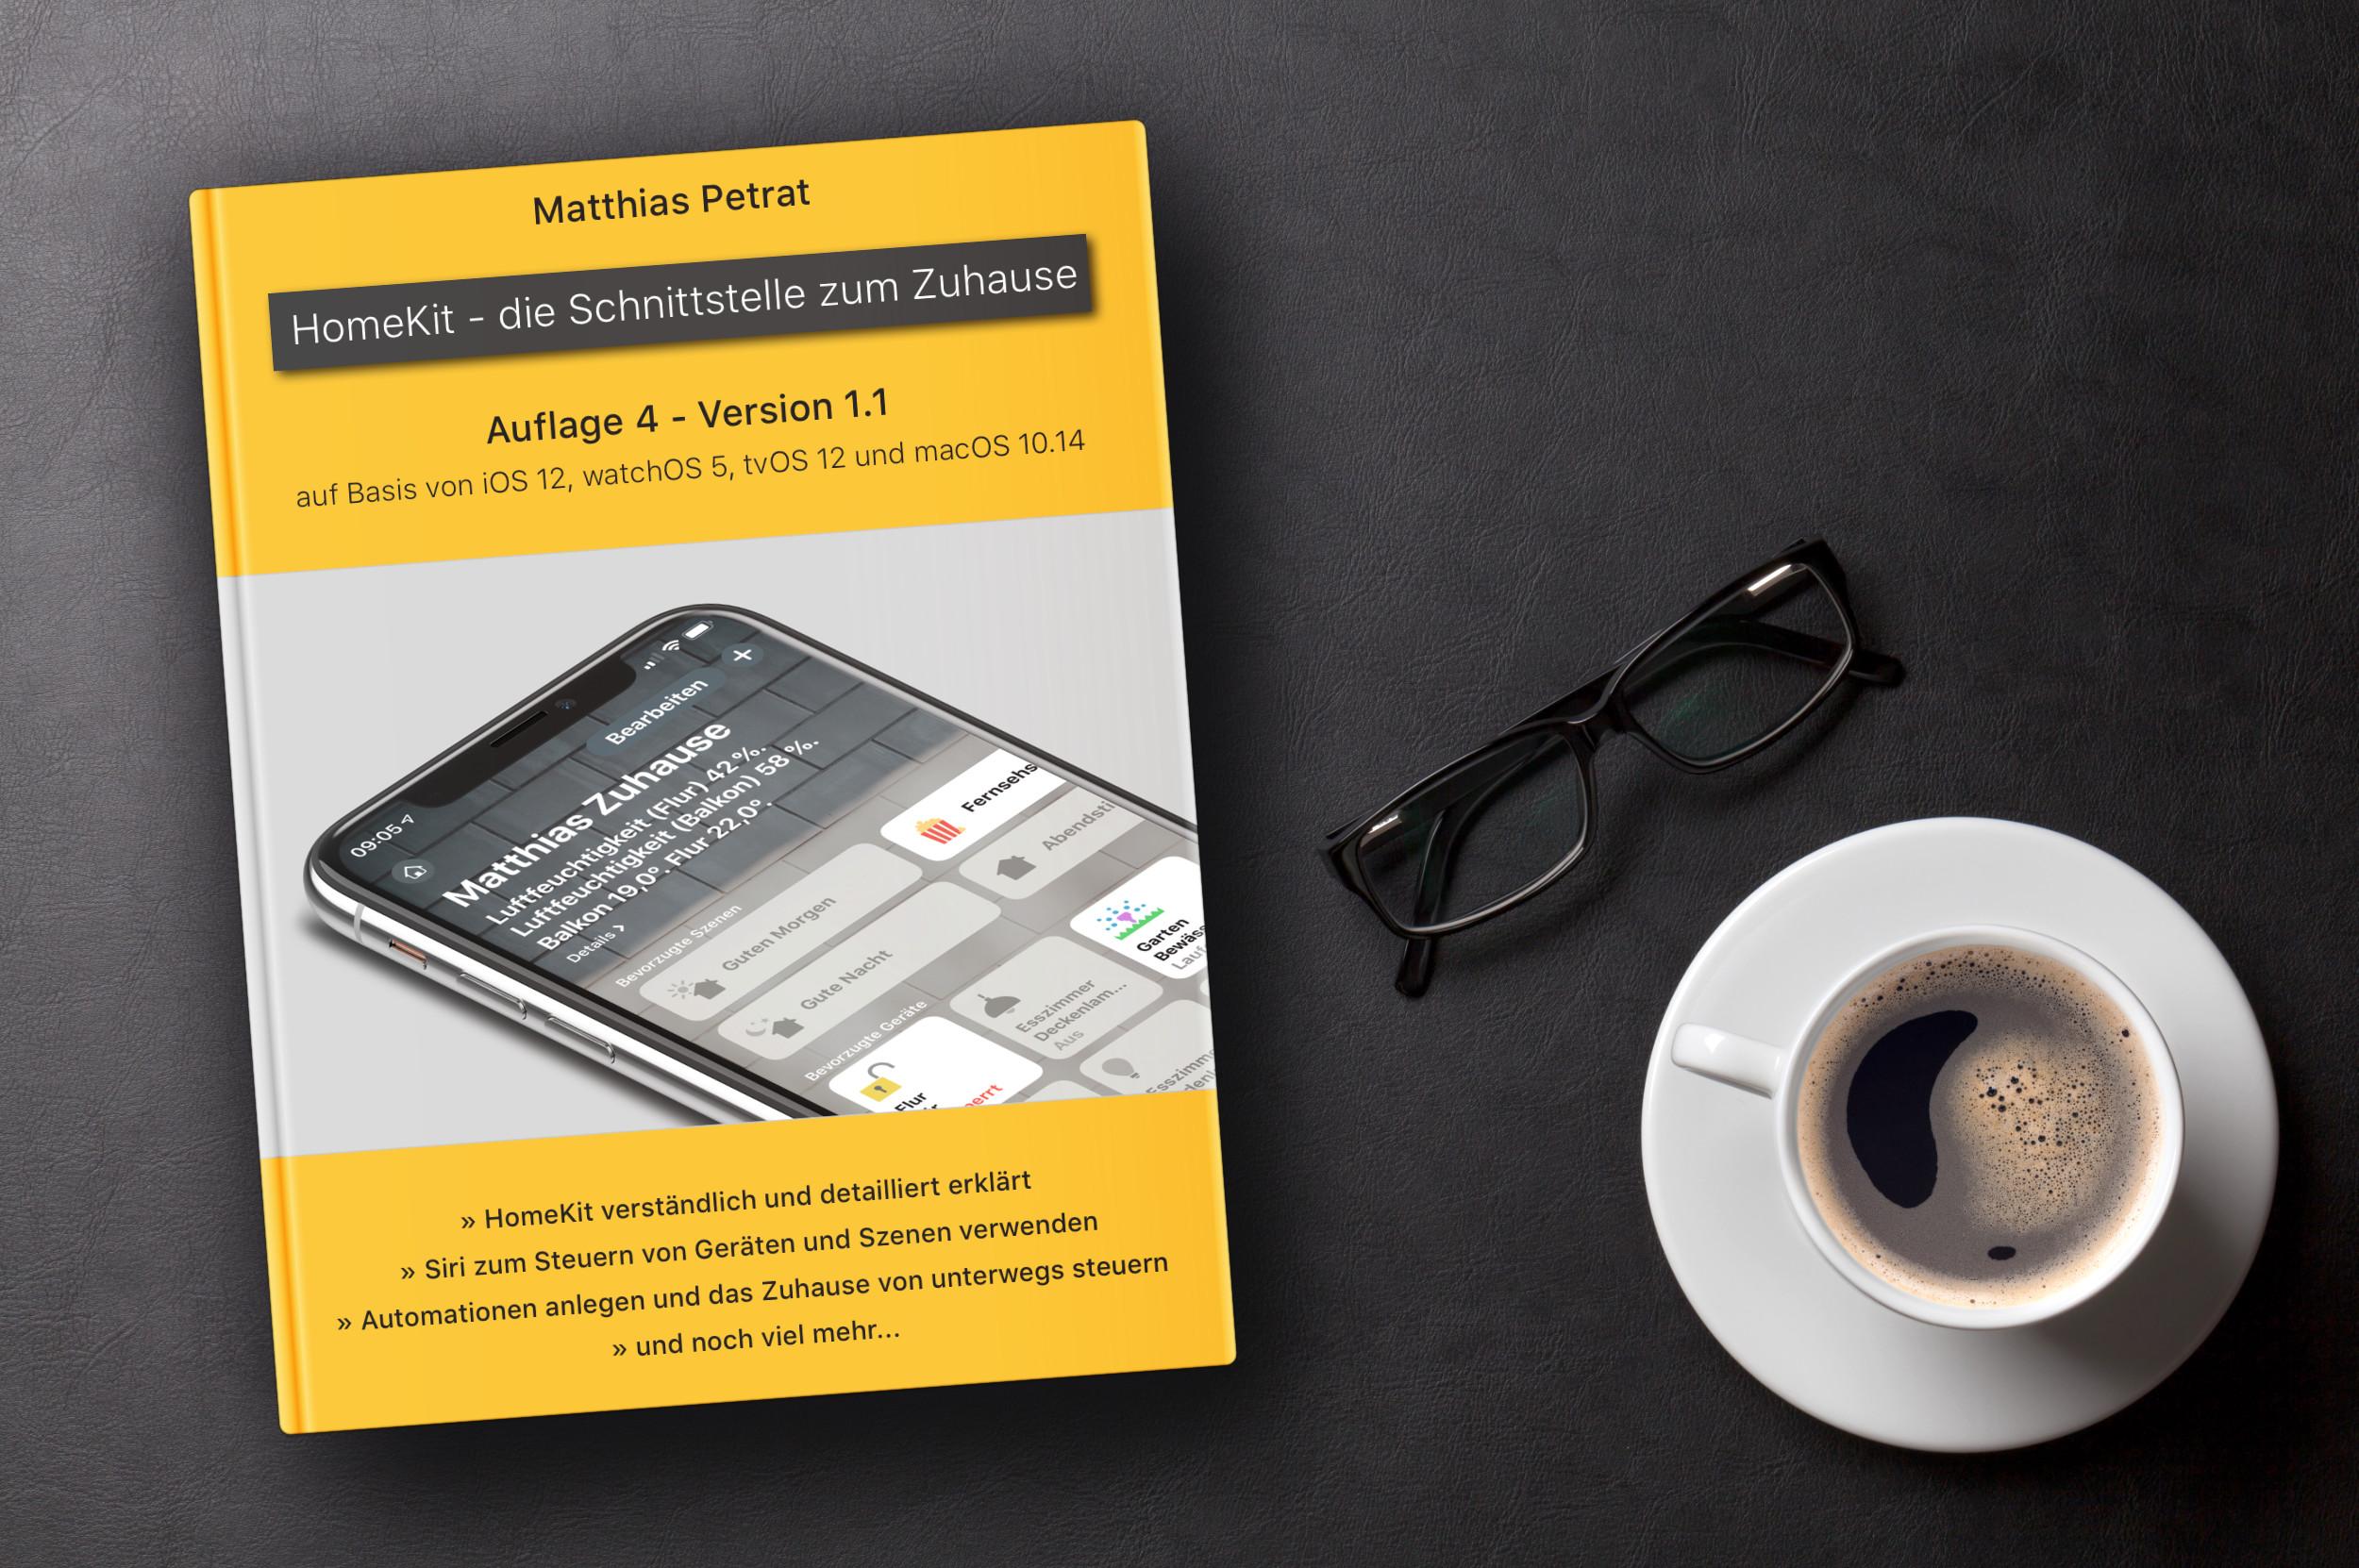 """HomeKit-–-die-Schnittstelle-zum-Zuhause-Buchversion-1.1-Auflage-4 """"HomeKit – die Schnittstelle zum Zuhause"""" – Version 1.1 der 4. Auflage ist da"""